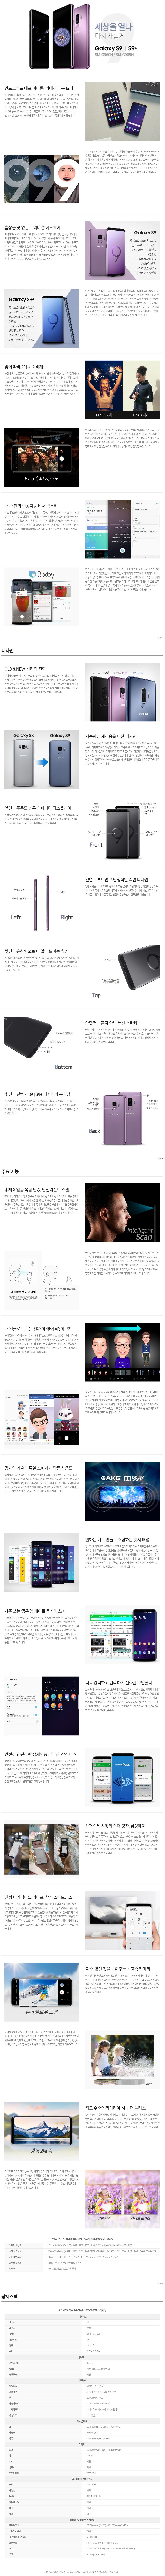 http://www.kt-mobile.com/bs/se2/imgup/1523119945g960_00.jpg